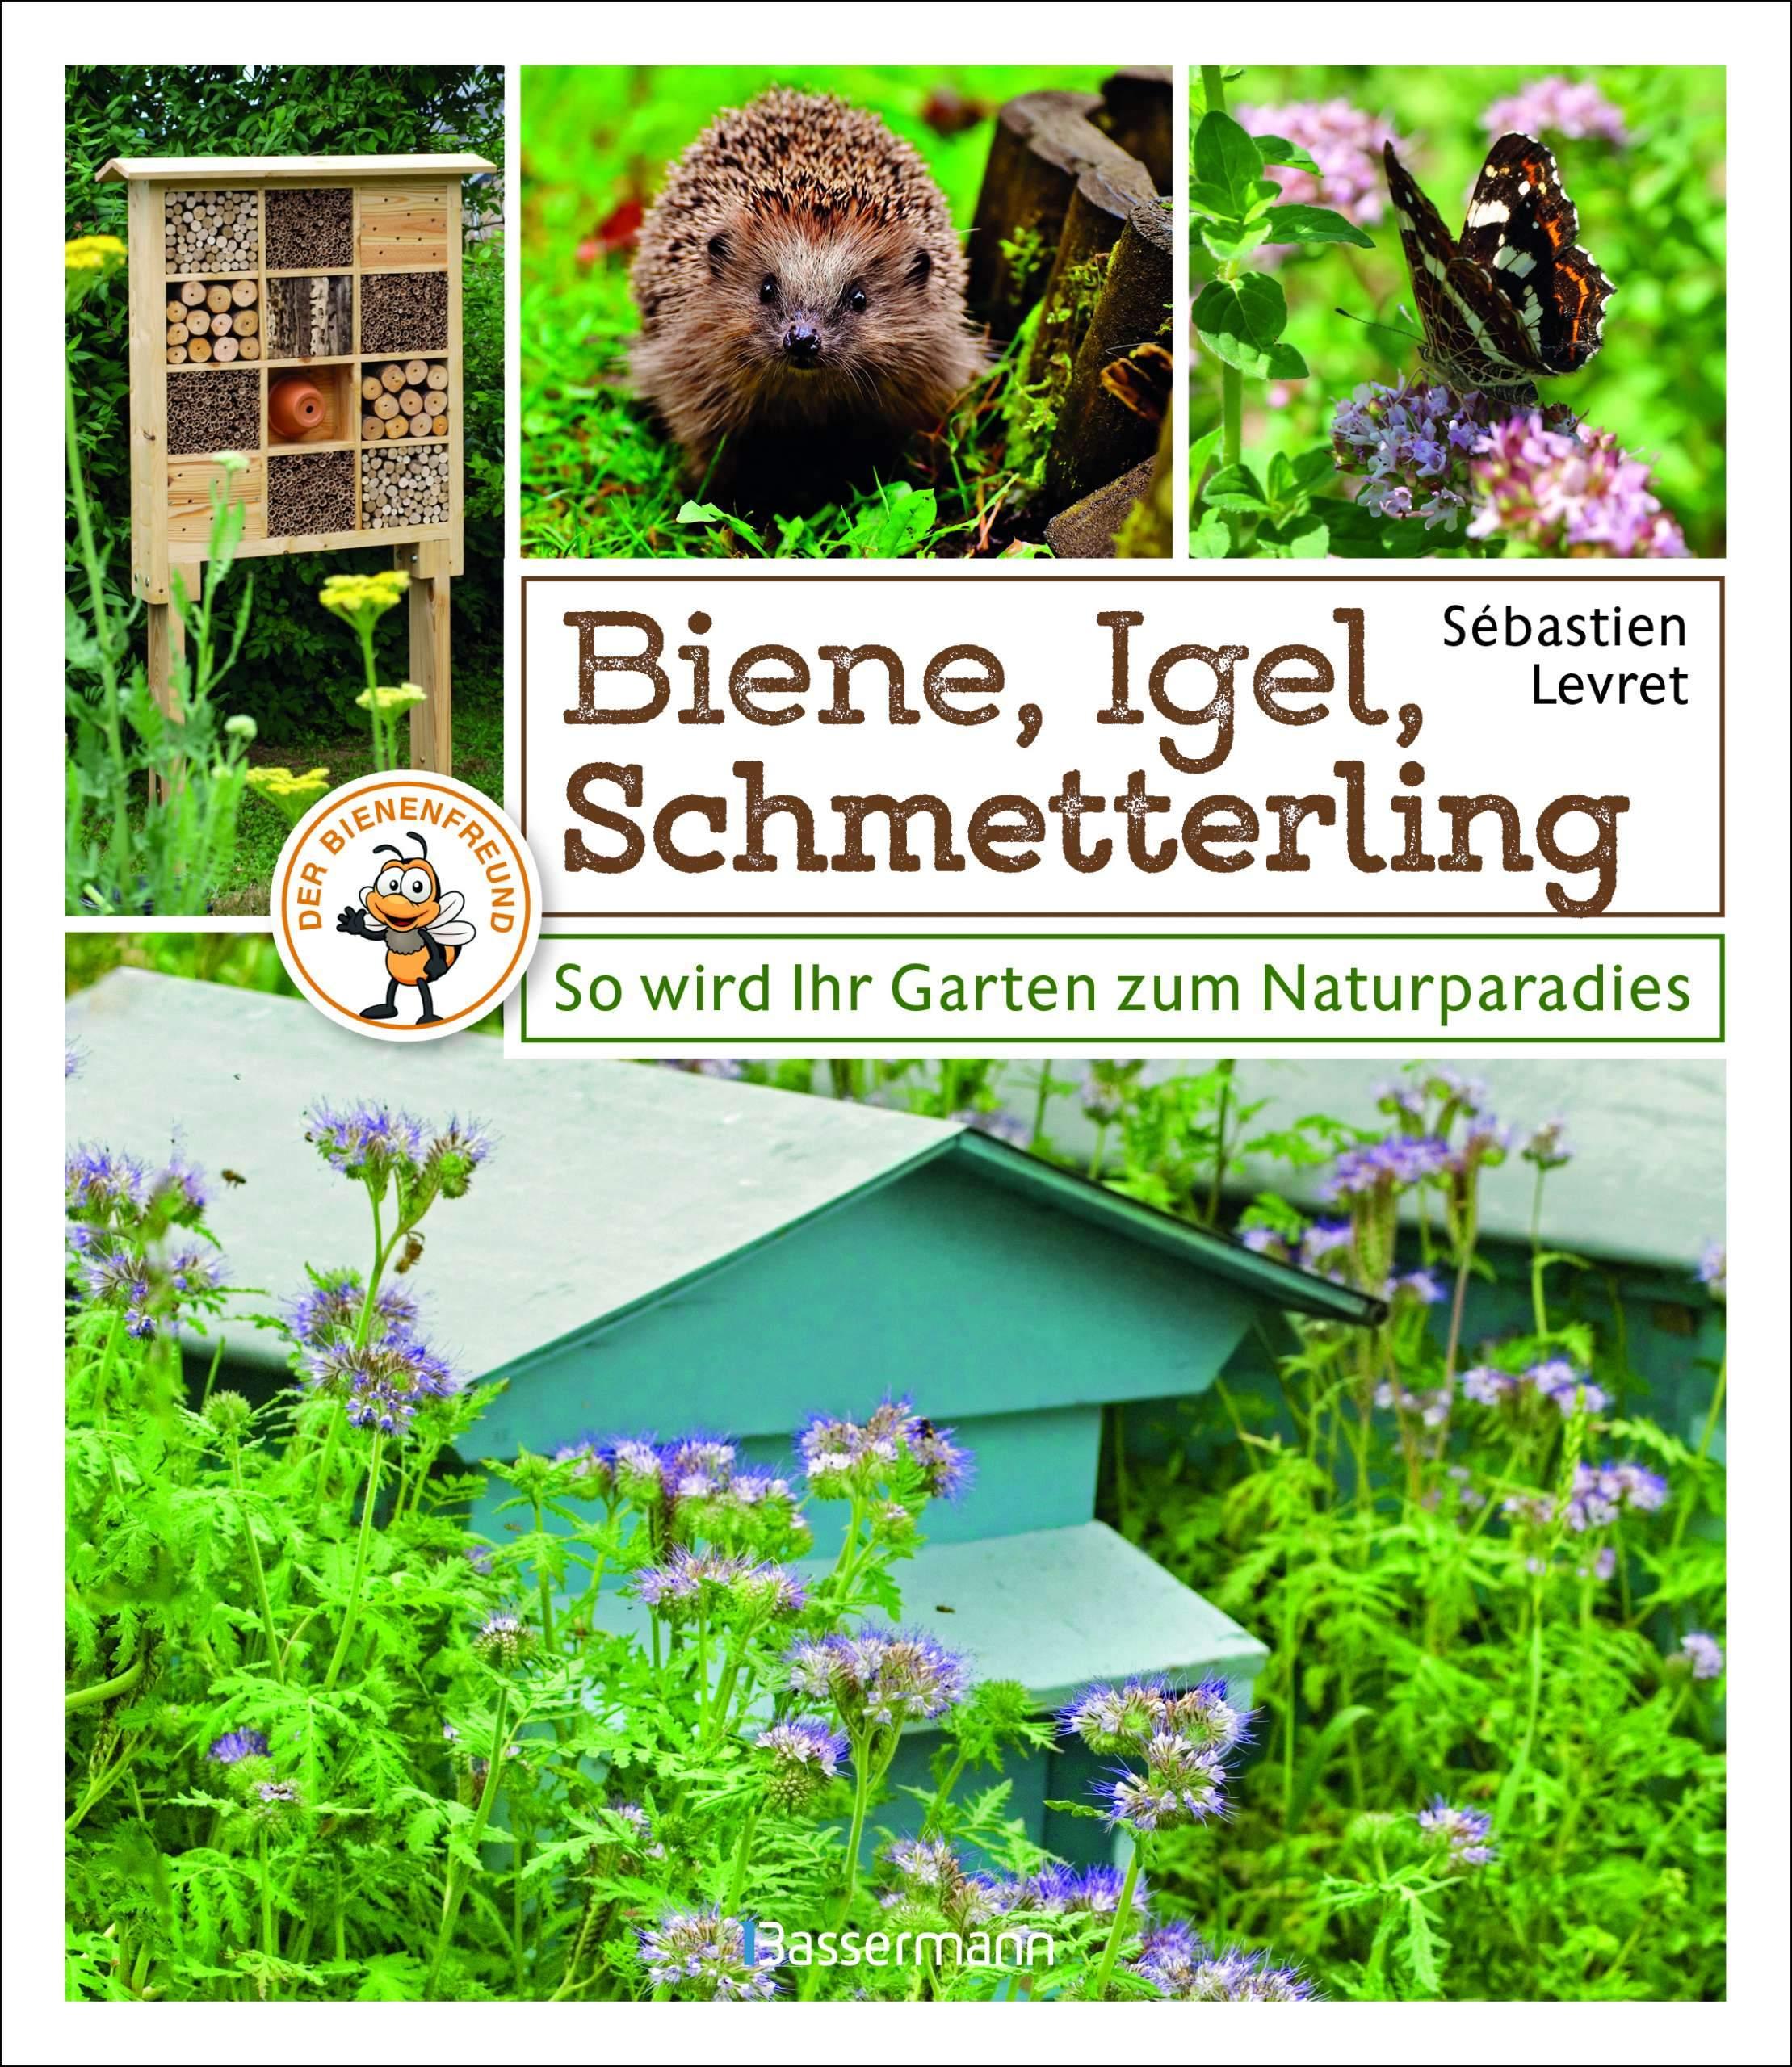 Biene Igel Schmetterling Cover 1280x1280 2x